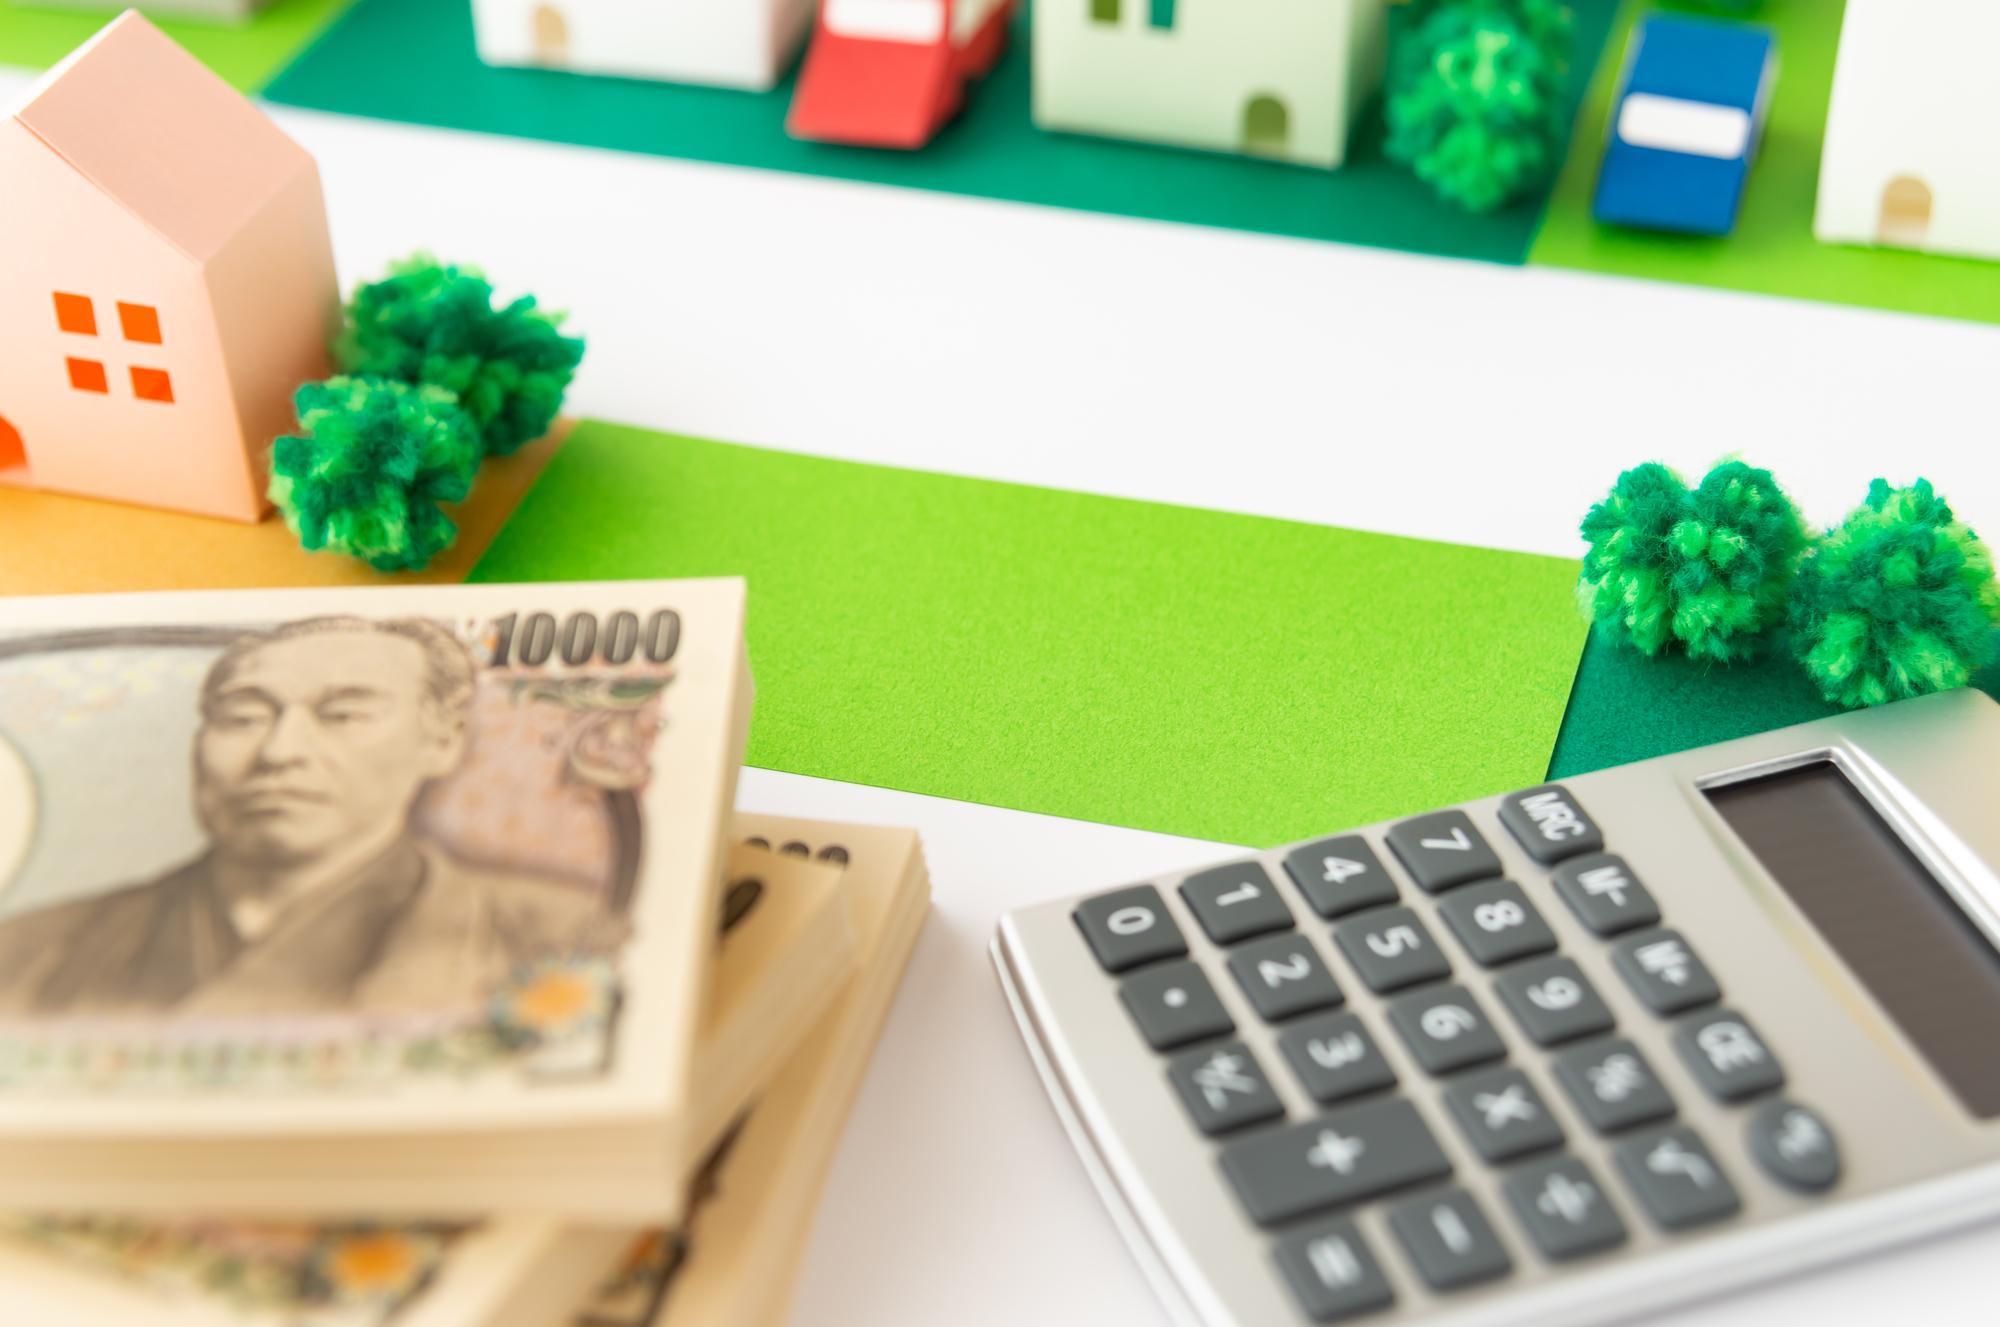 土地売却にかかる税金はいつ払う?税額シミュレーションや特別控除についても解説